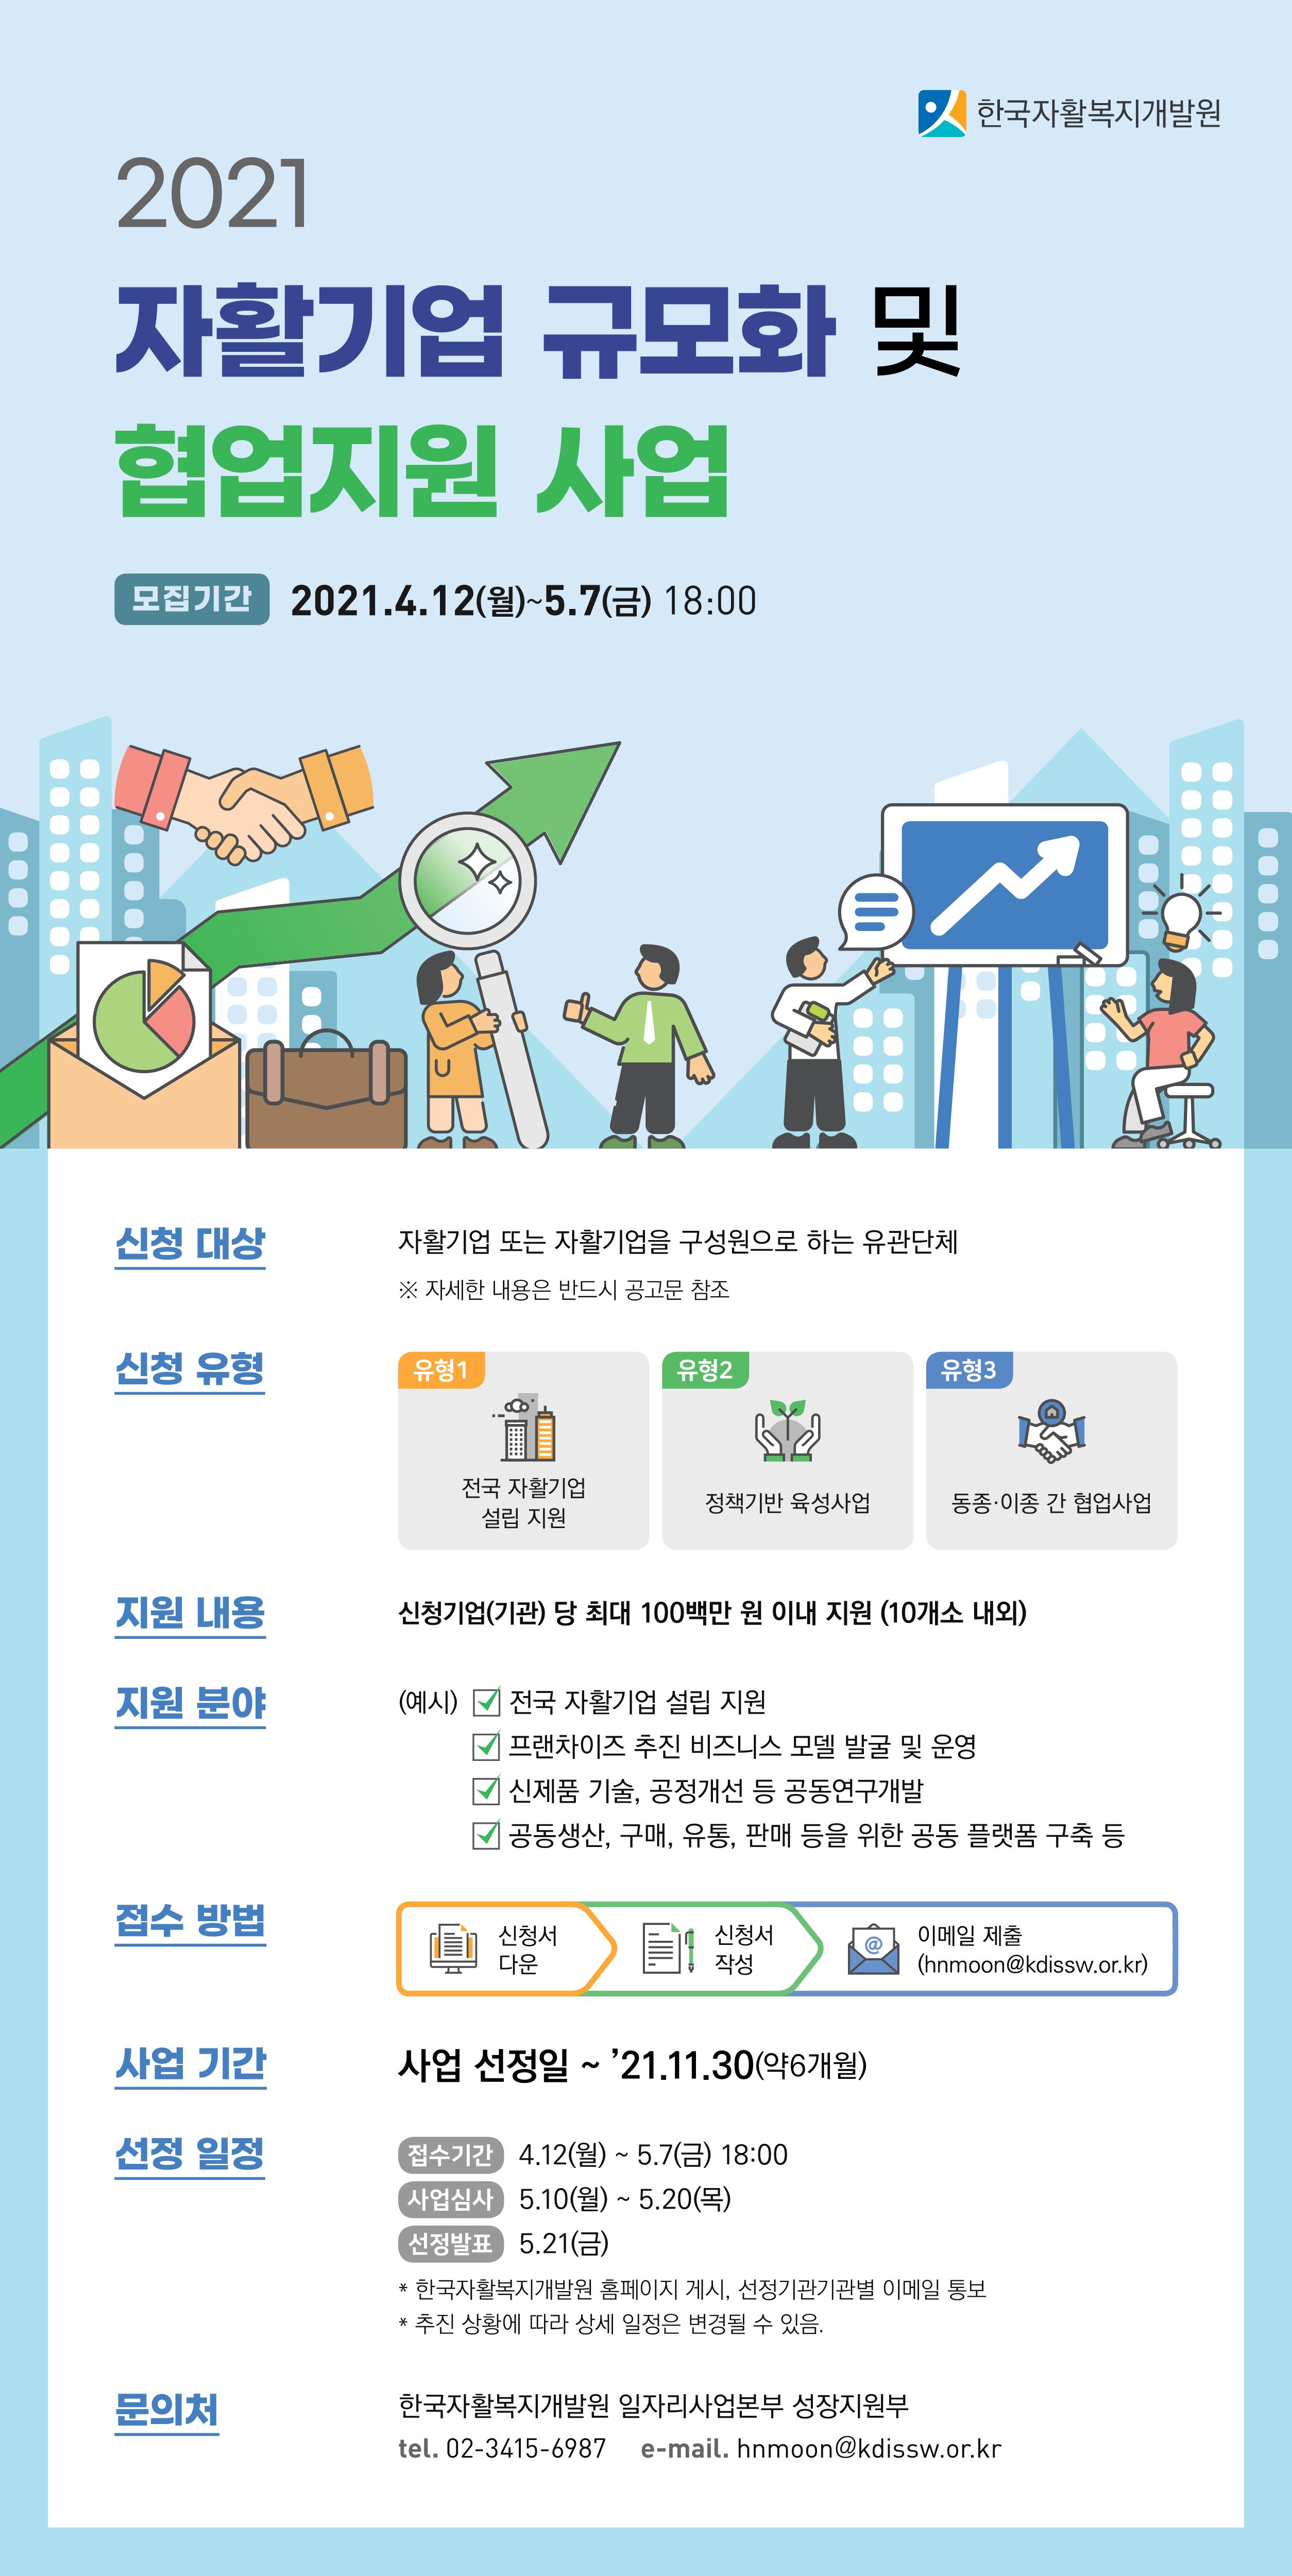 『2021년 자활기업 규모화 및 협업지원 사업』 웹포스터_1